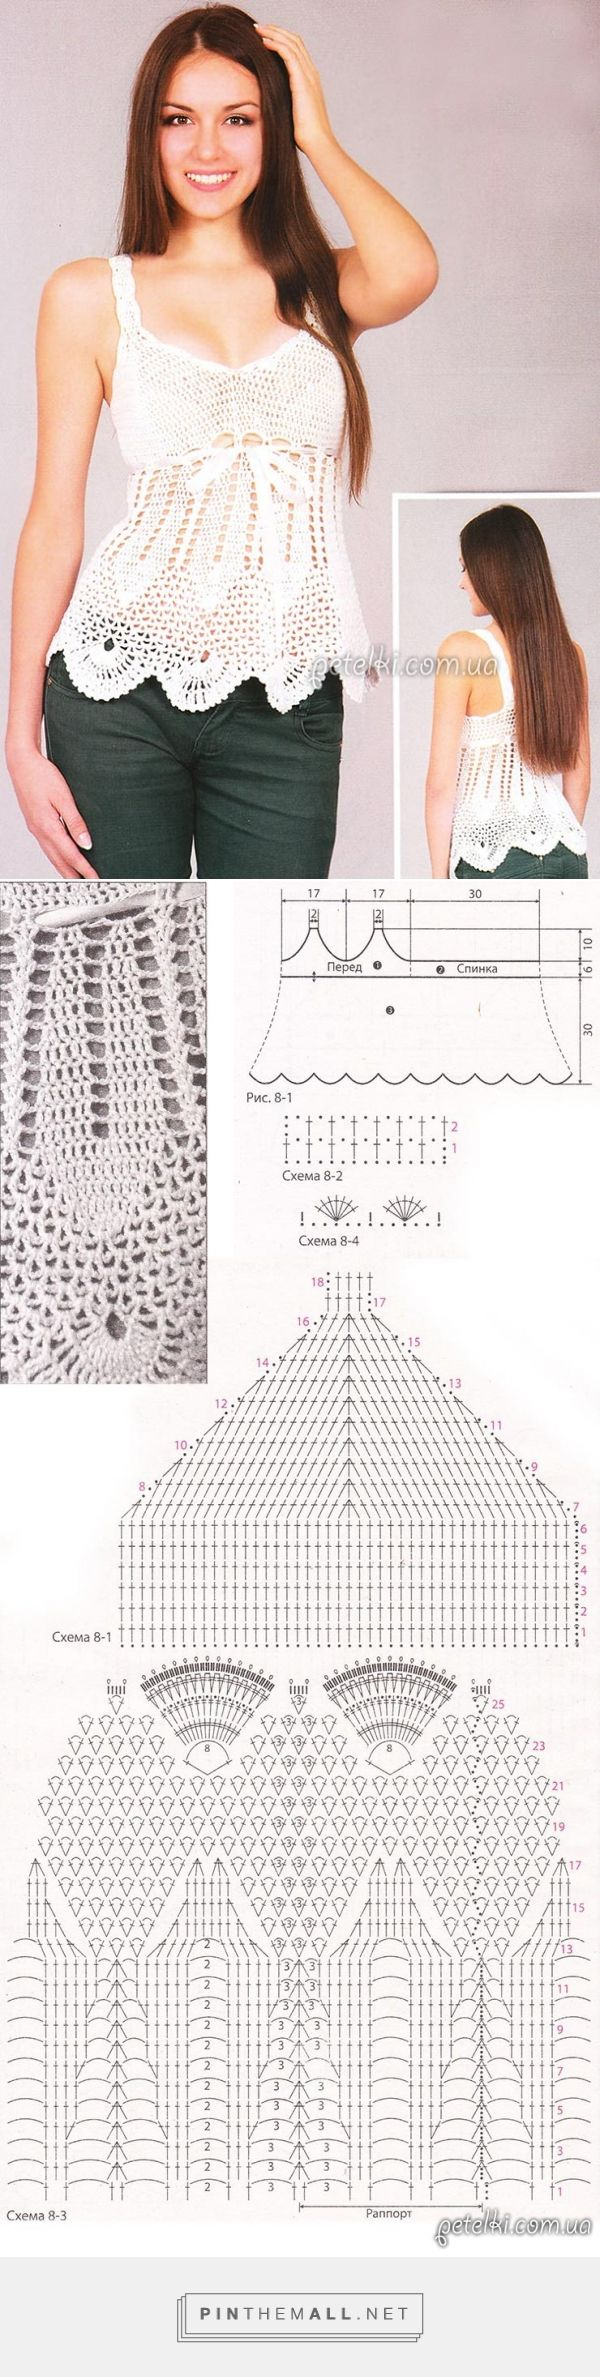 http://petelki.com.ua/schemes_knitted_tops/828-belaya-azhurnaya-mayka-kryuchkom-opisanie-shemy.html